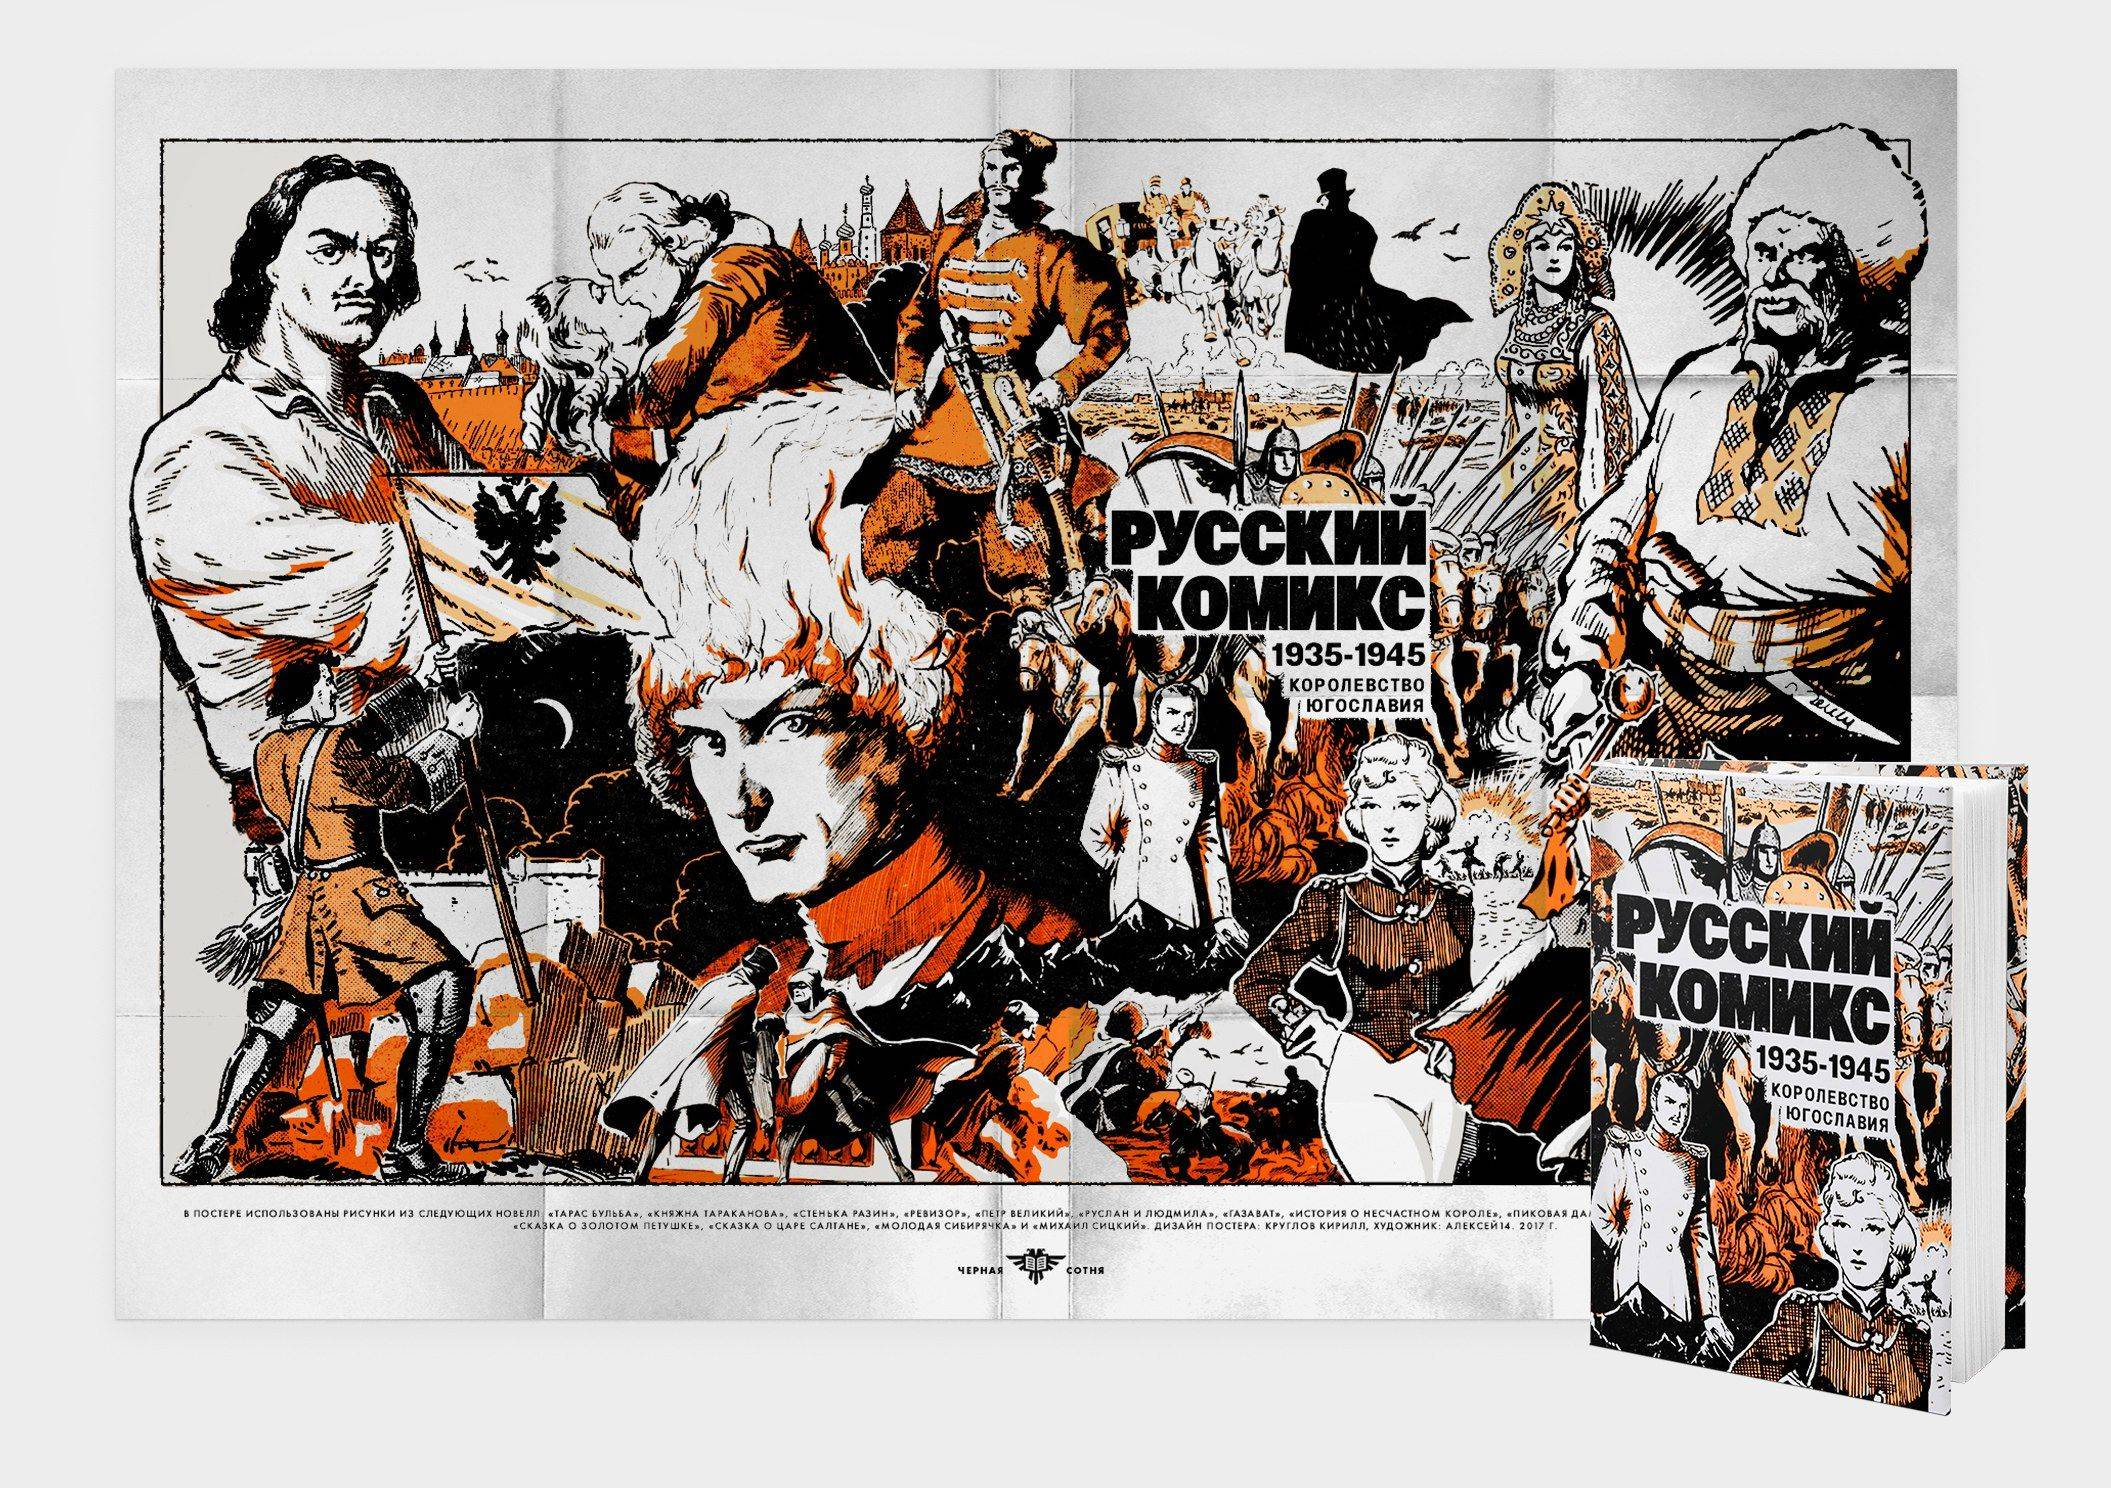 Постер и обложка комикса «Русский комикс, 1935-1945, королевство Югославия» - Stone Forest